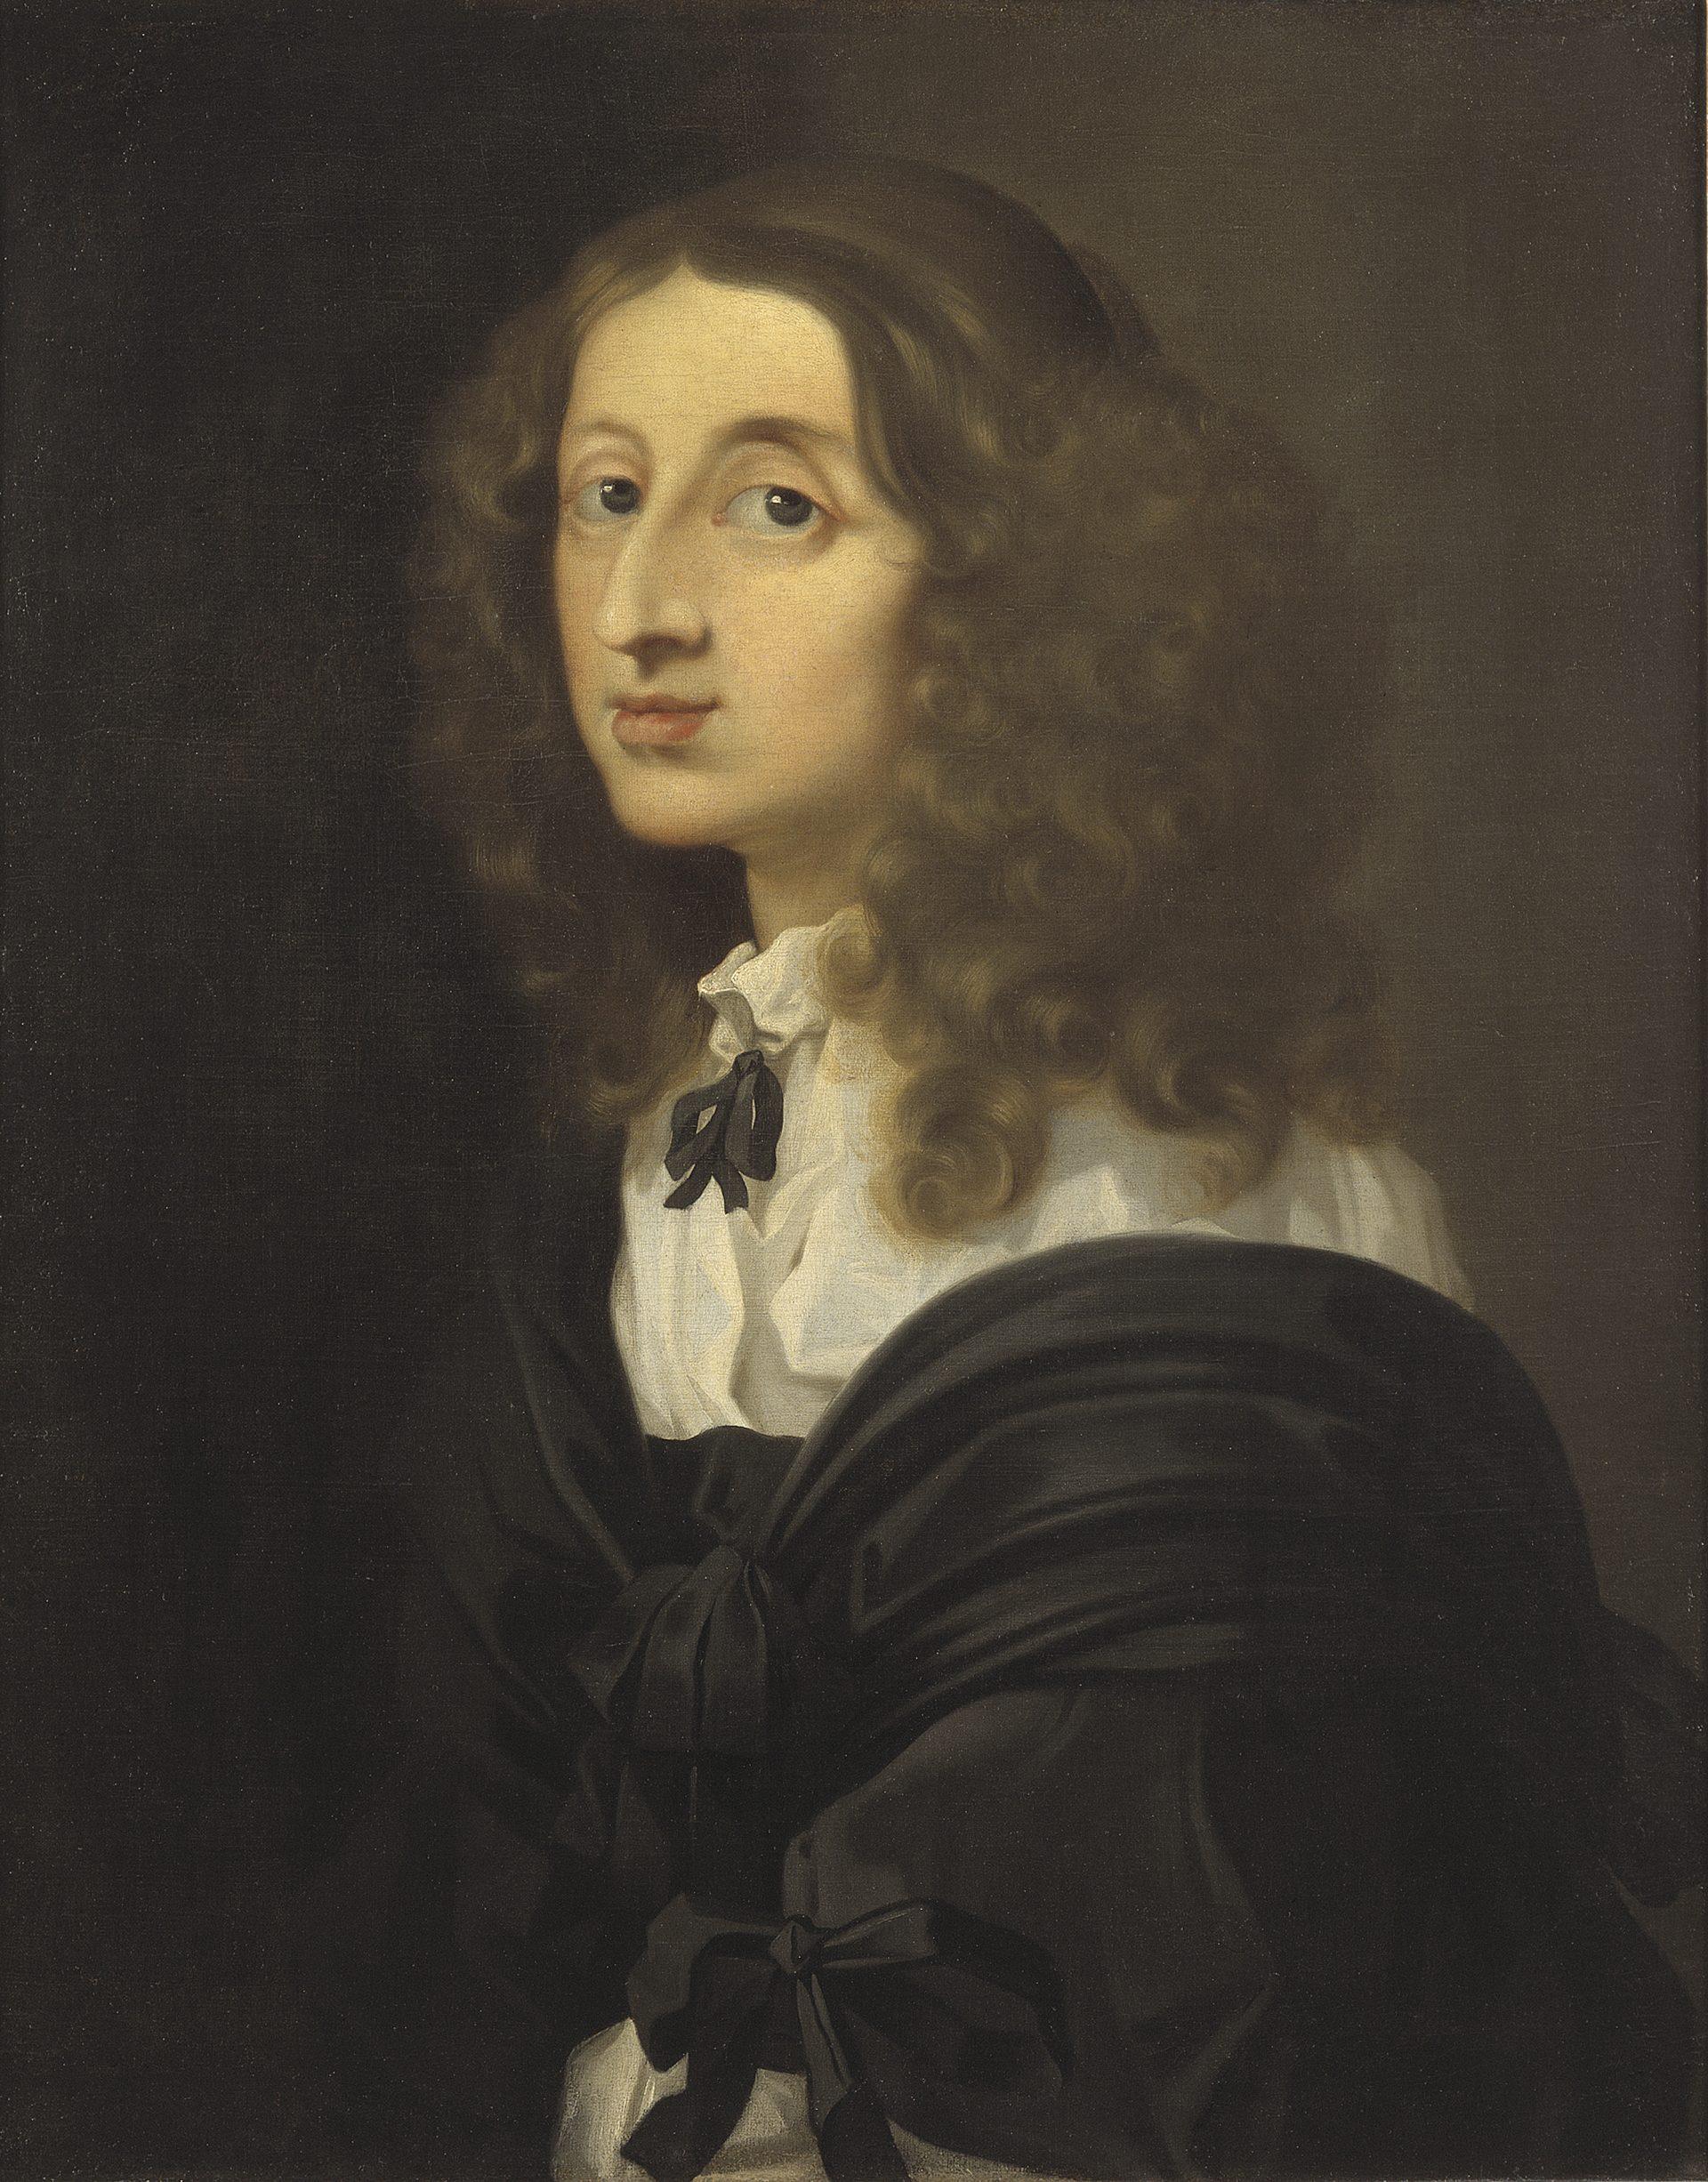 Ett porträtt av en kvinna med långt hår, svart dräkt och vit krage